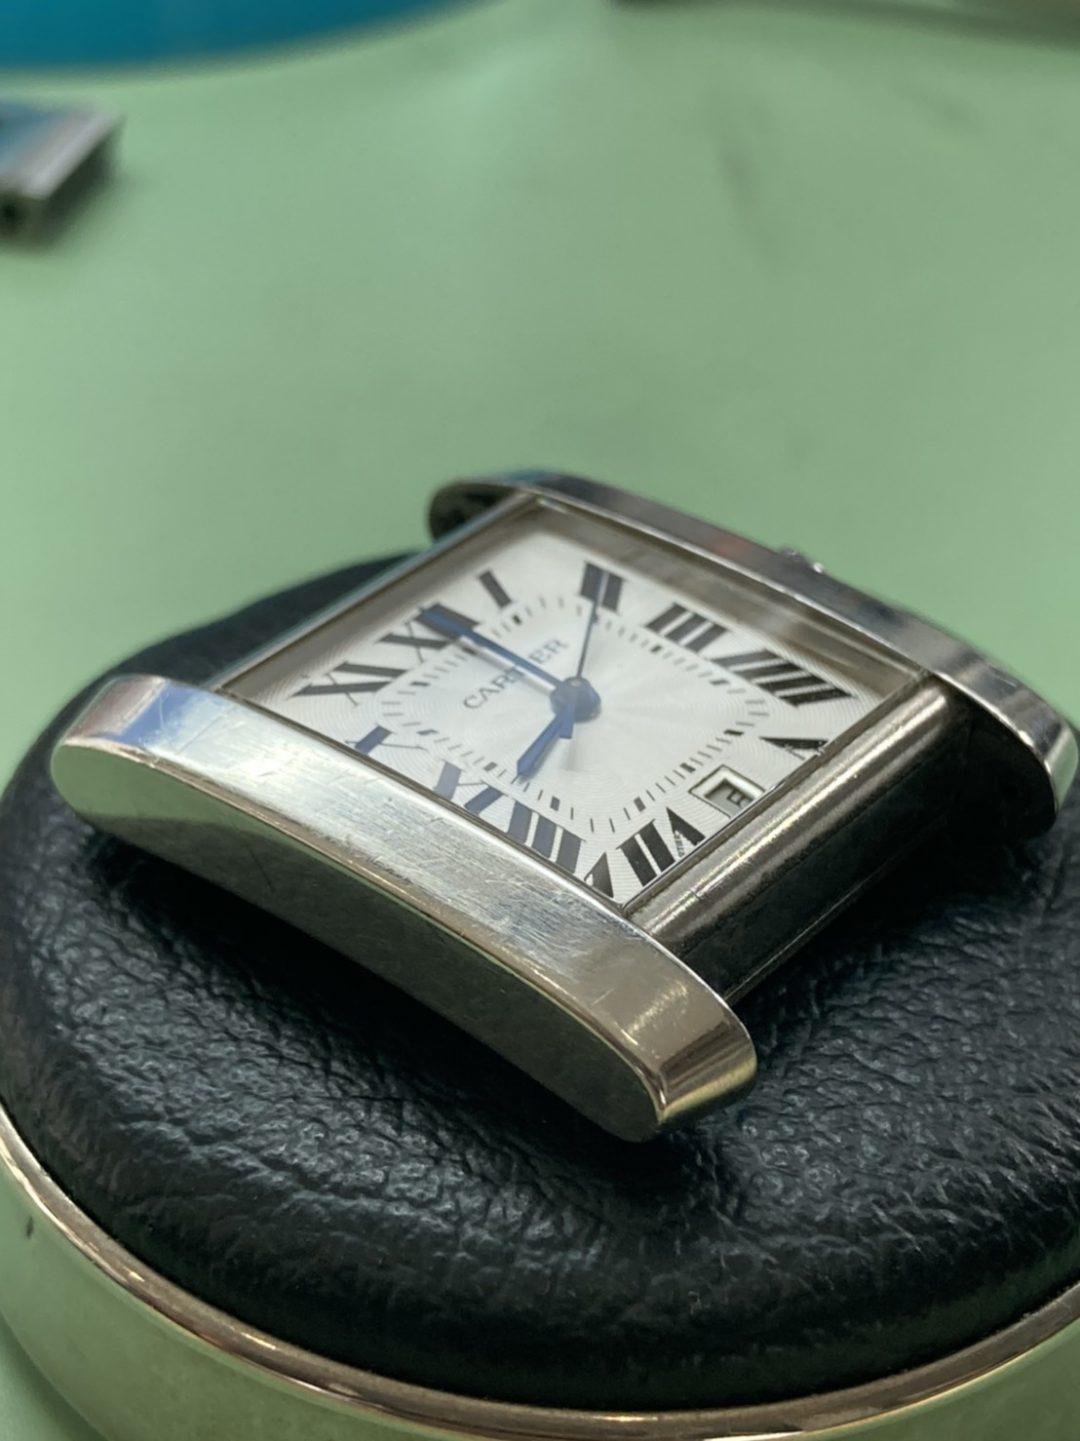 カルティエ オーバーホール(分解掃除)、ポリッシュ(外装磨き)はブローチ時計修理工房へ!